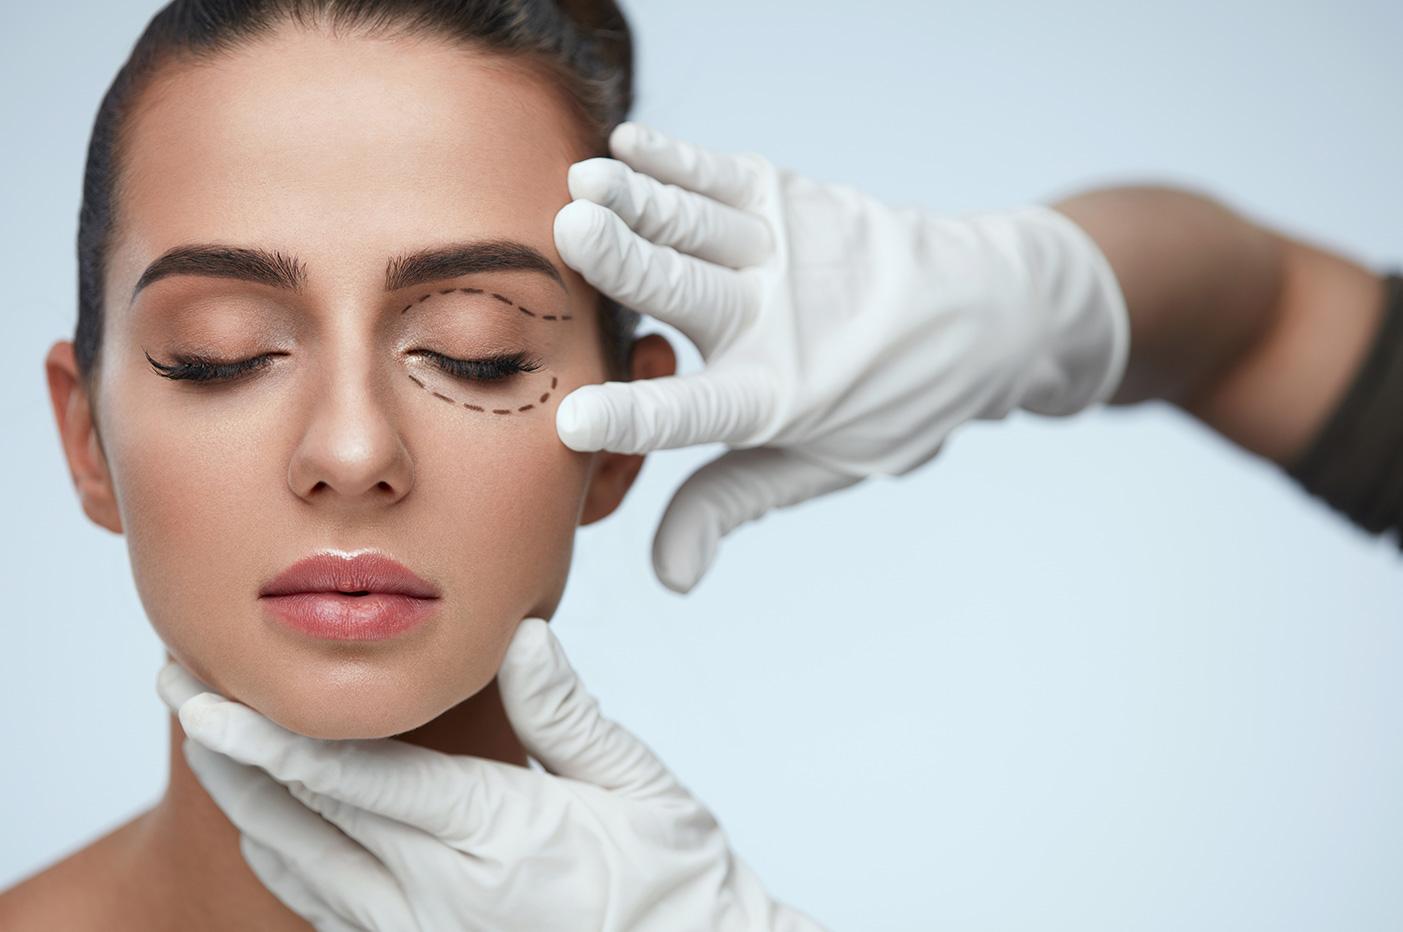 Eyelid Reduction Surgery